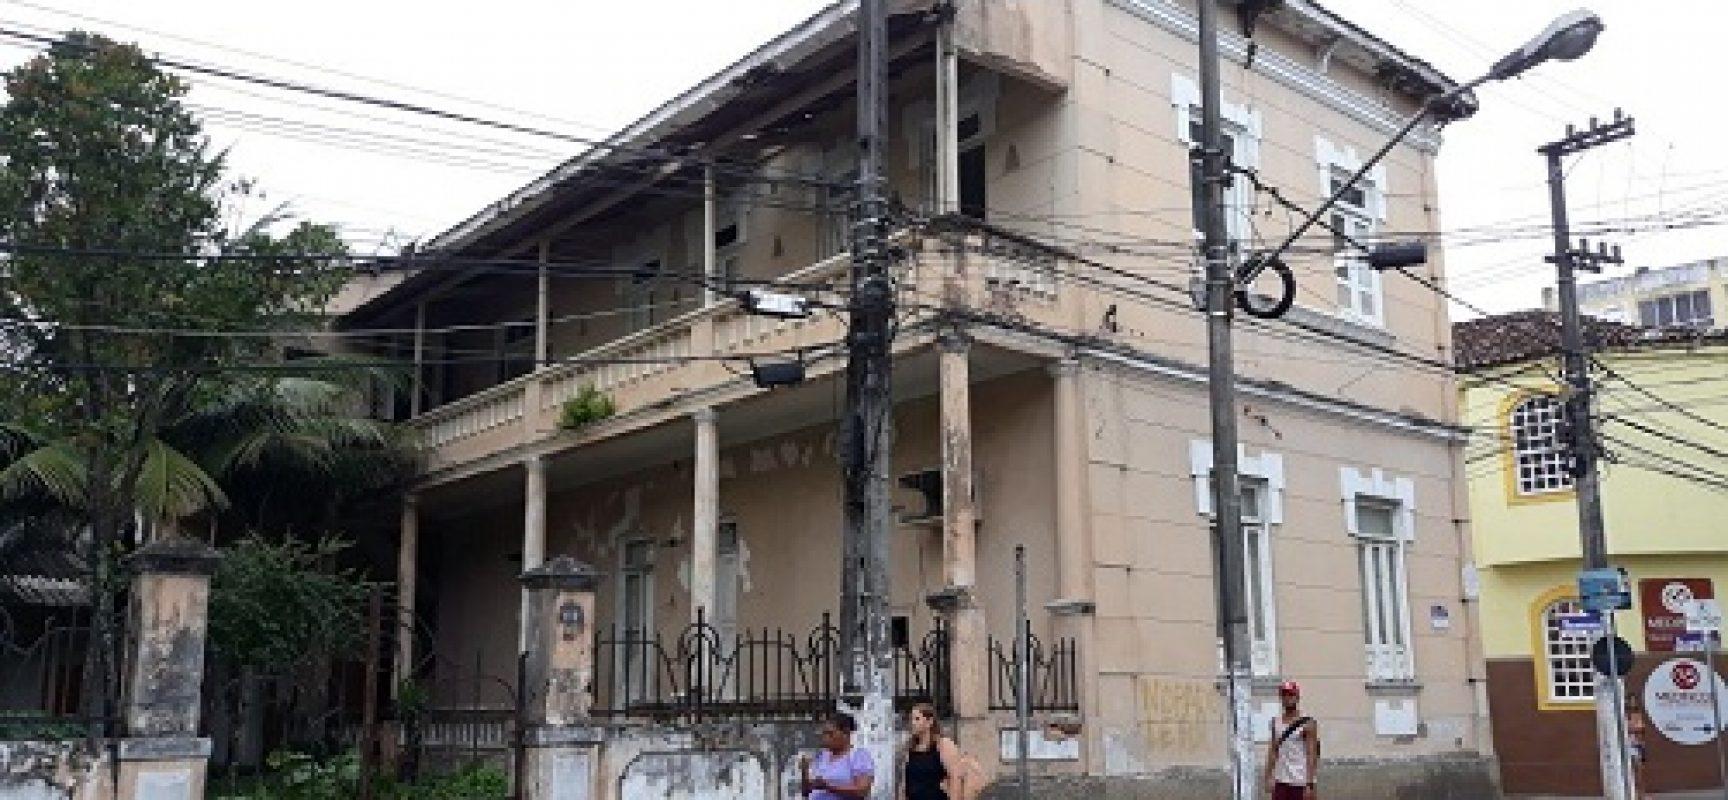 Vereador Paulo Carqueija cobra agilidade sobre posse de imóvel no centro de Ilhéus